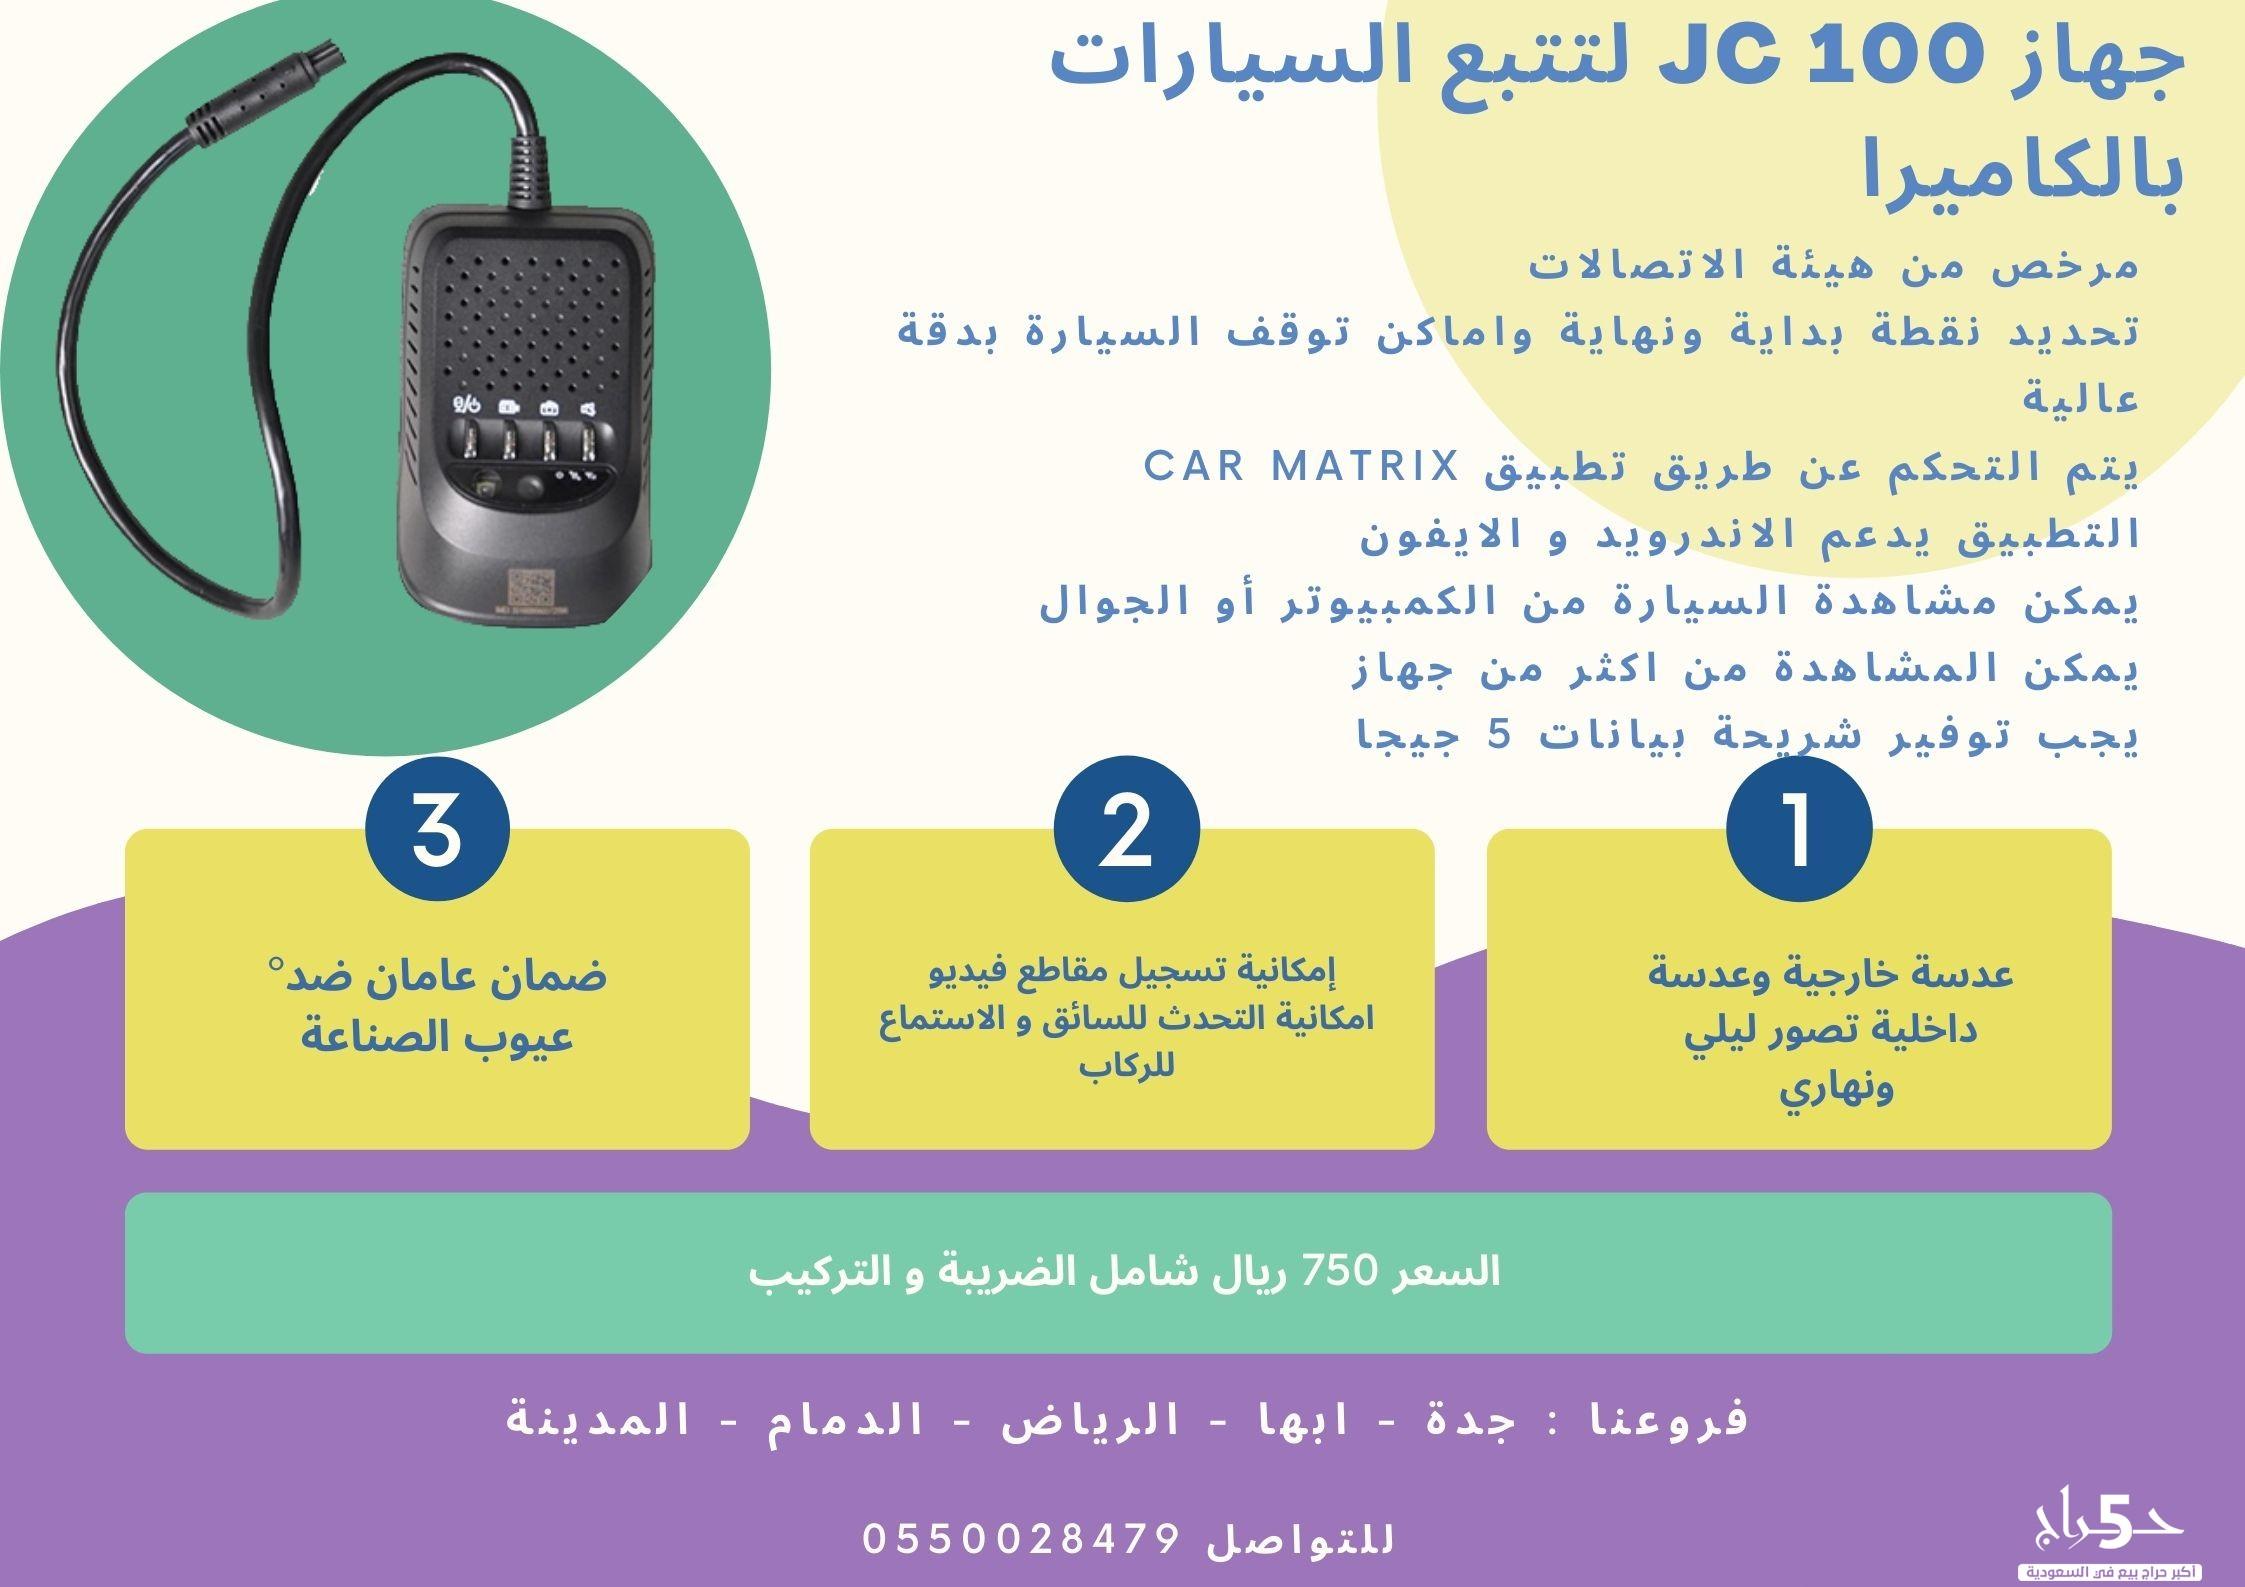 افضل عرض لجهاز تتبع المركبة صوت وصورة JC100 بمناسبة العيد الوطنى